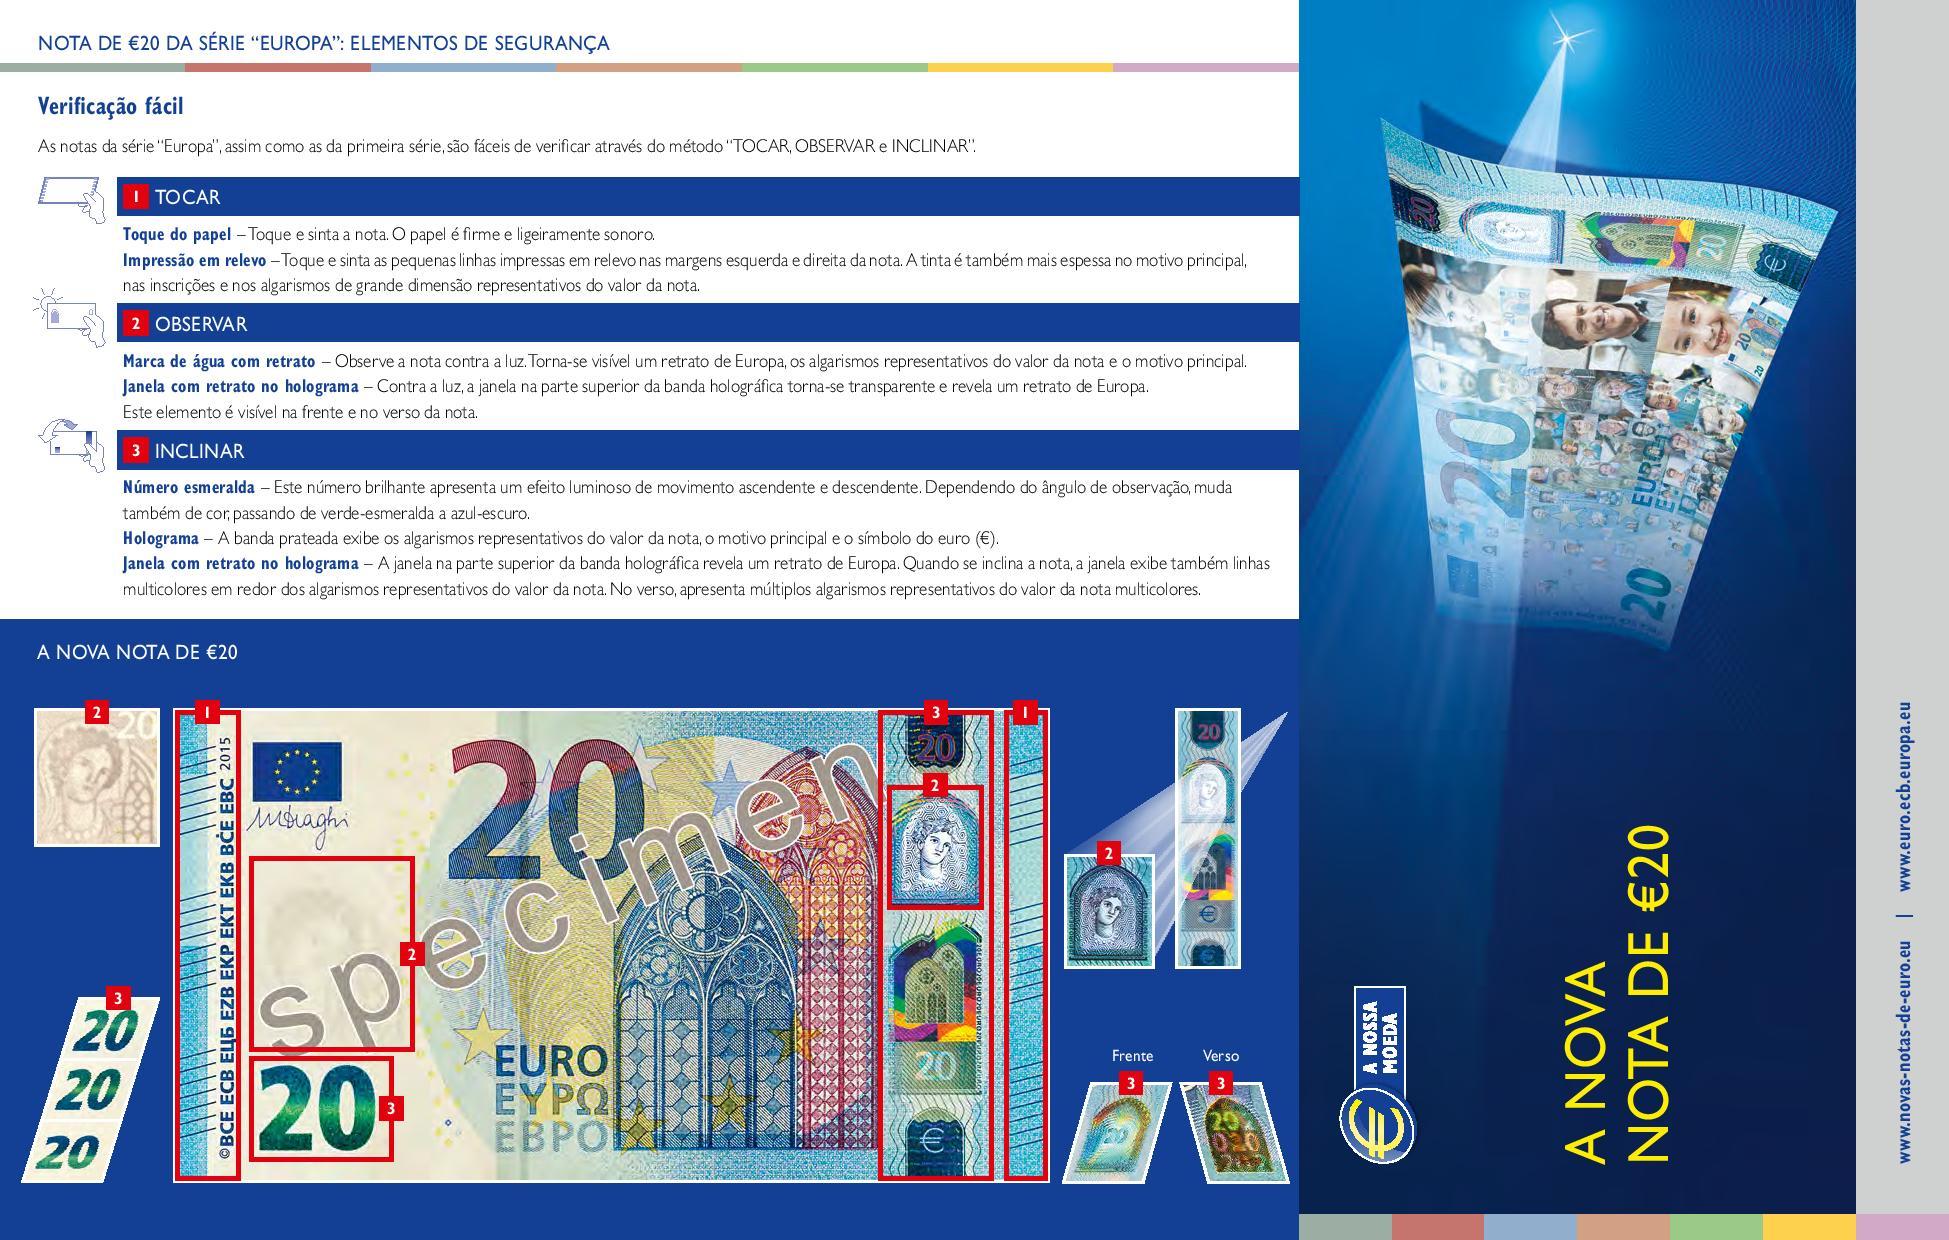 Folheto_Publico_nota_20-page-001